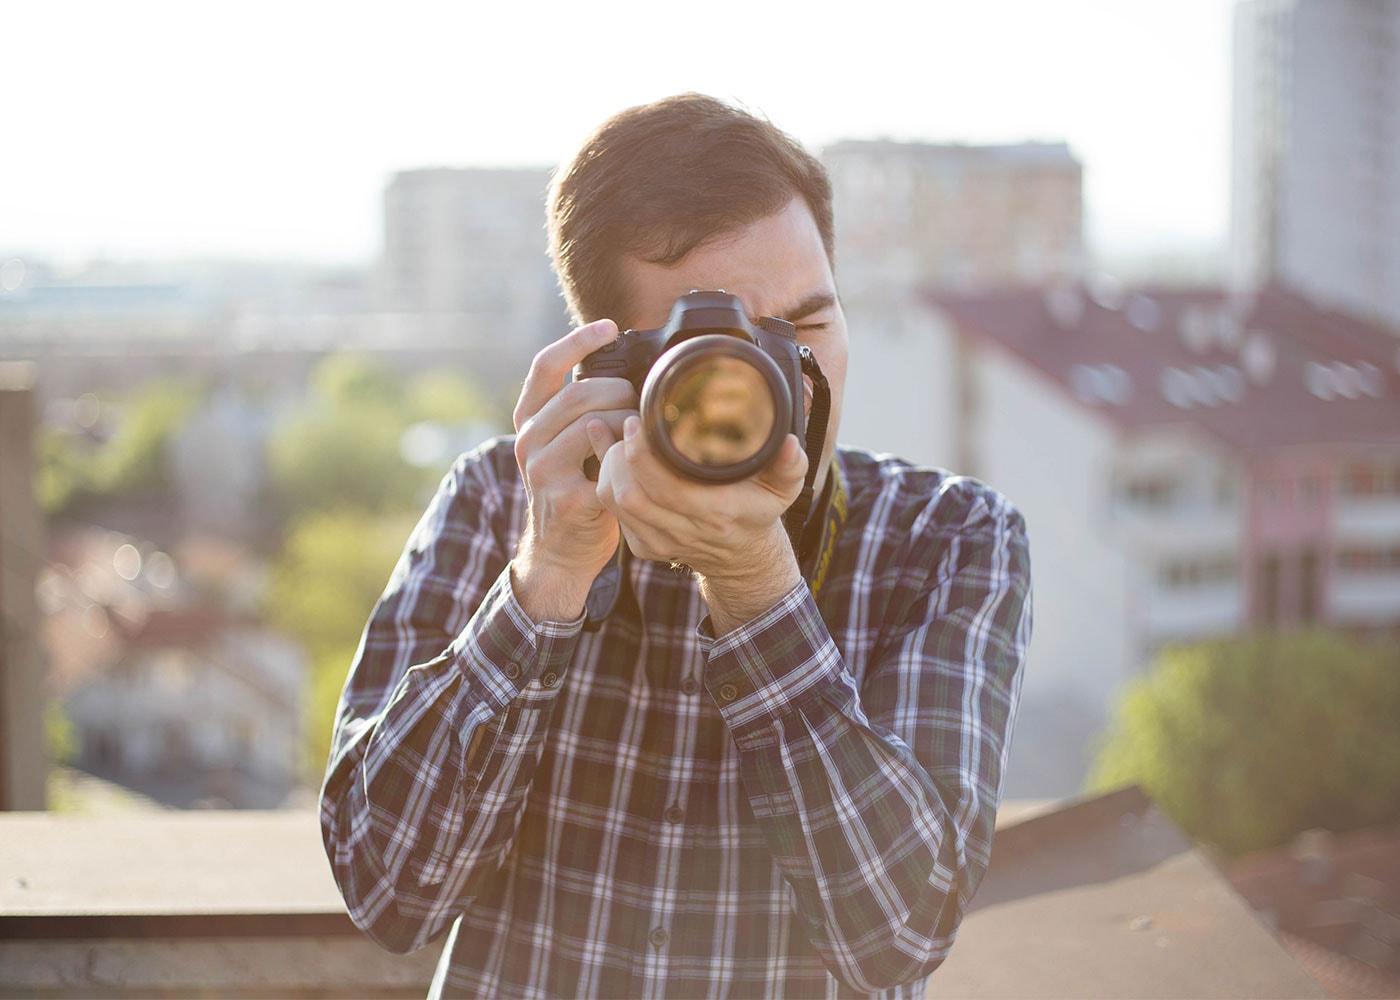 Kompakte Körperhaltung ist wichtig beim Fotografieren